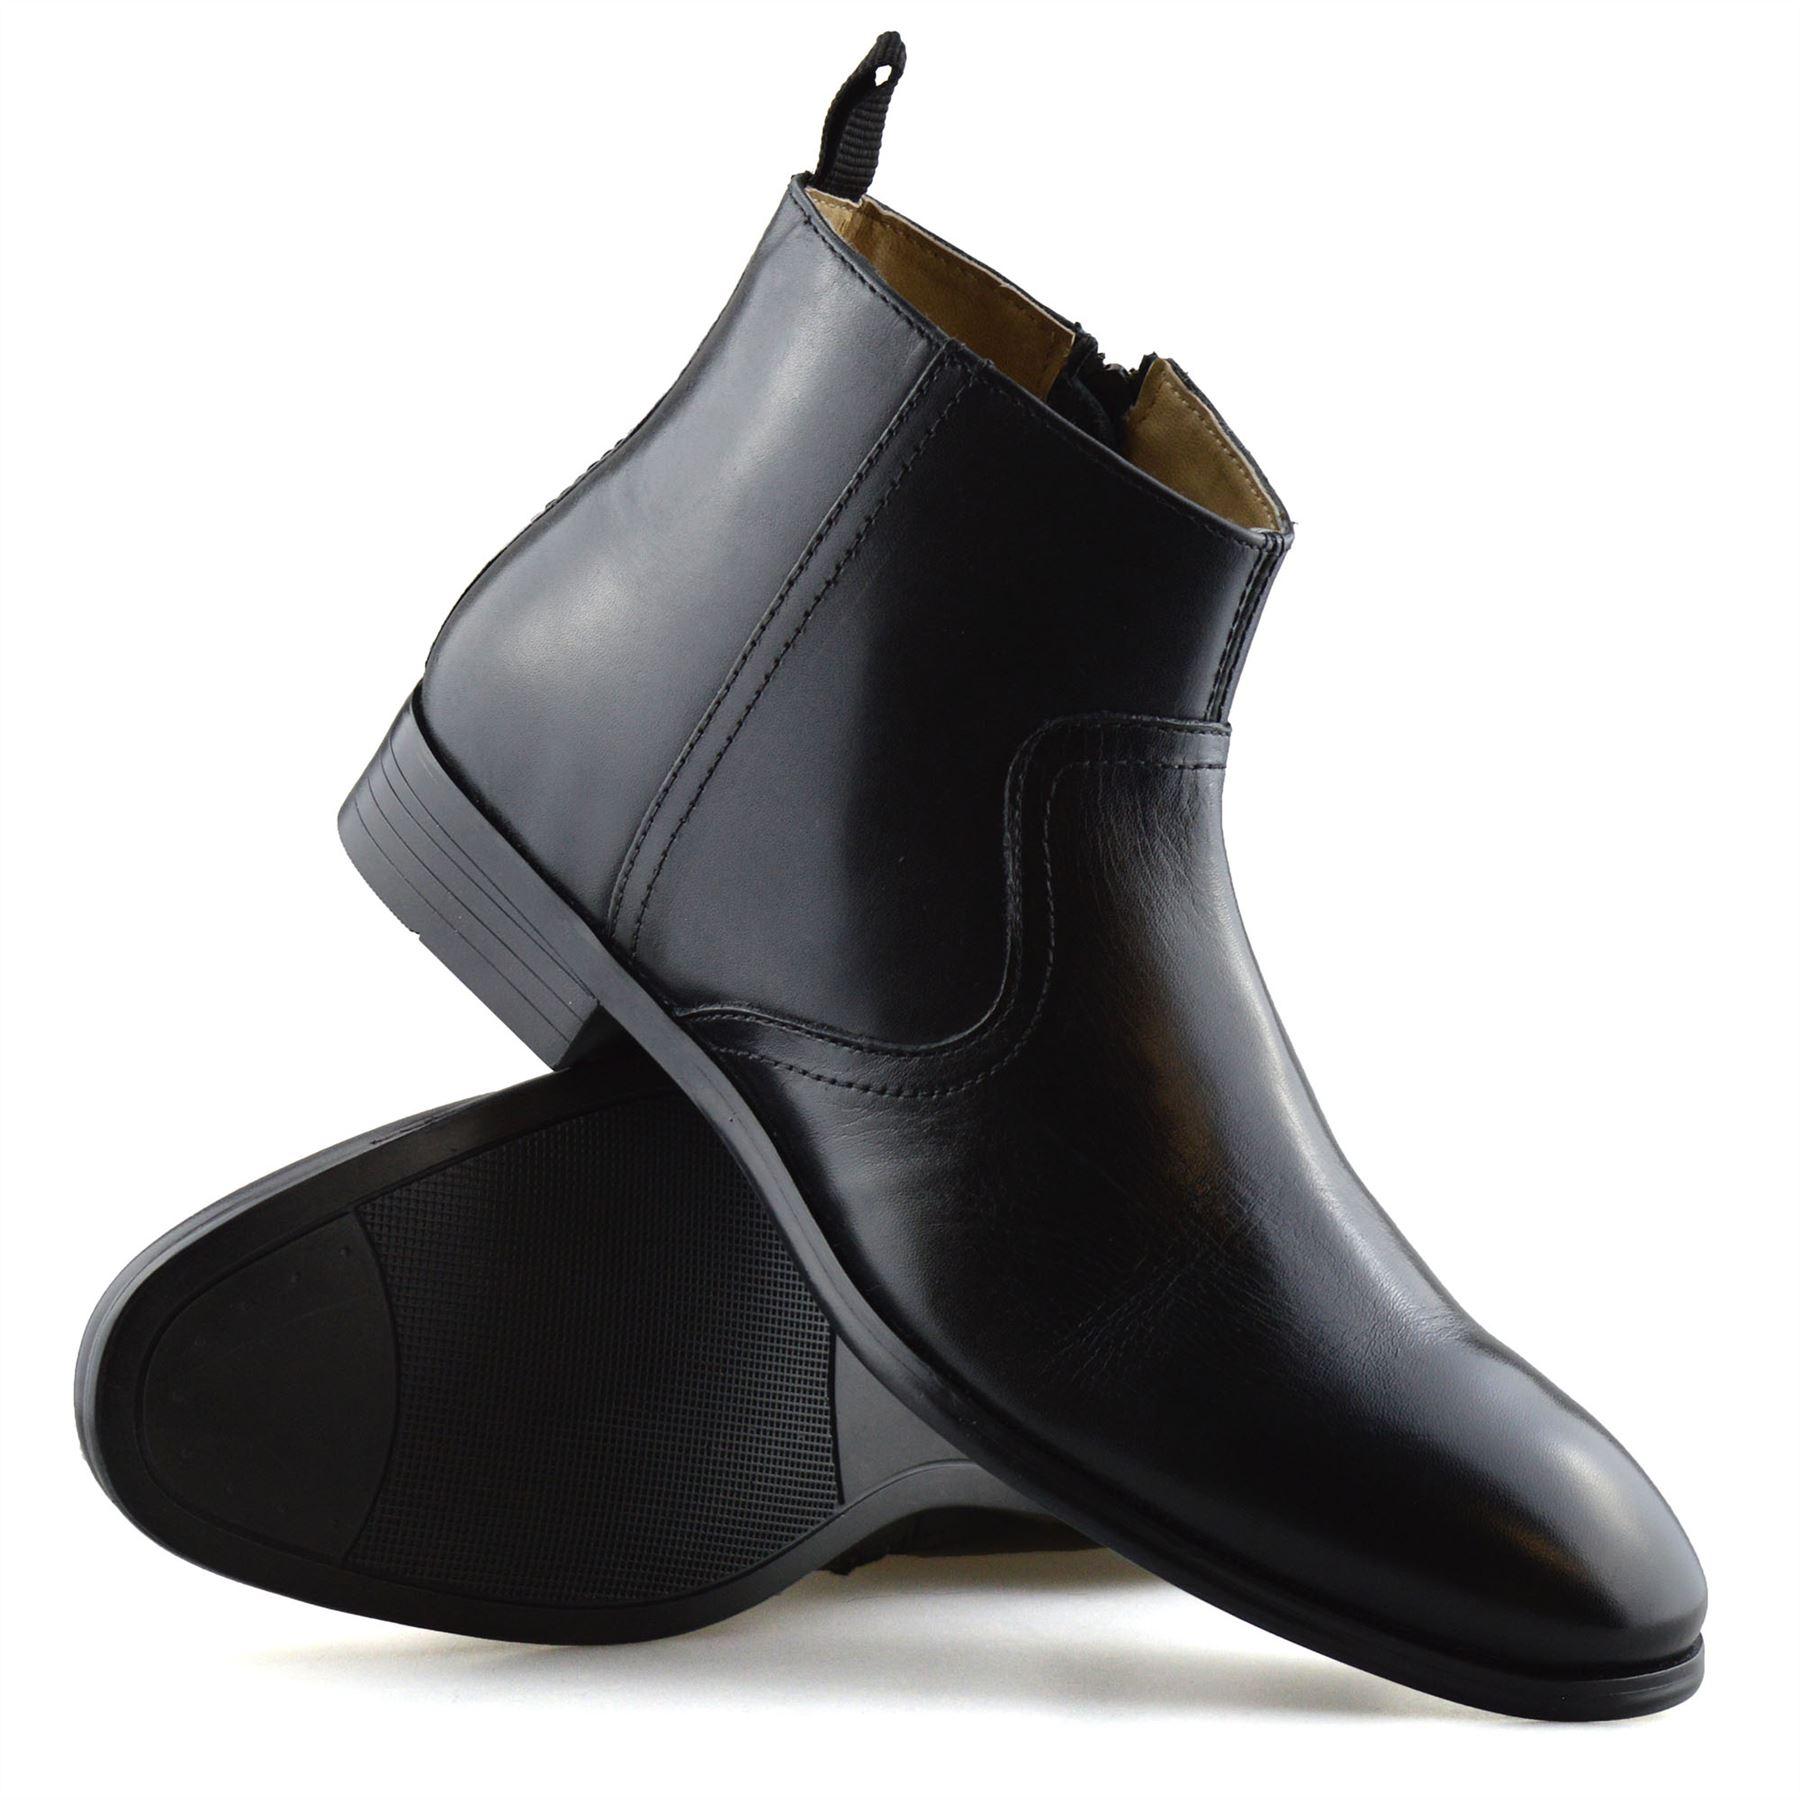 Hombre-Nuevo-Cuero-Cremallera-Formal-Smart-Trabajo-Distribuidor-Chelsea-Botas-al-Tobillo-Zapatos miniatura 15